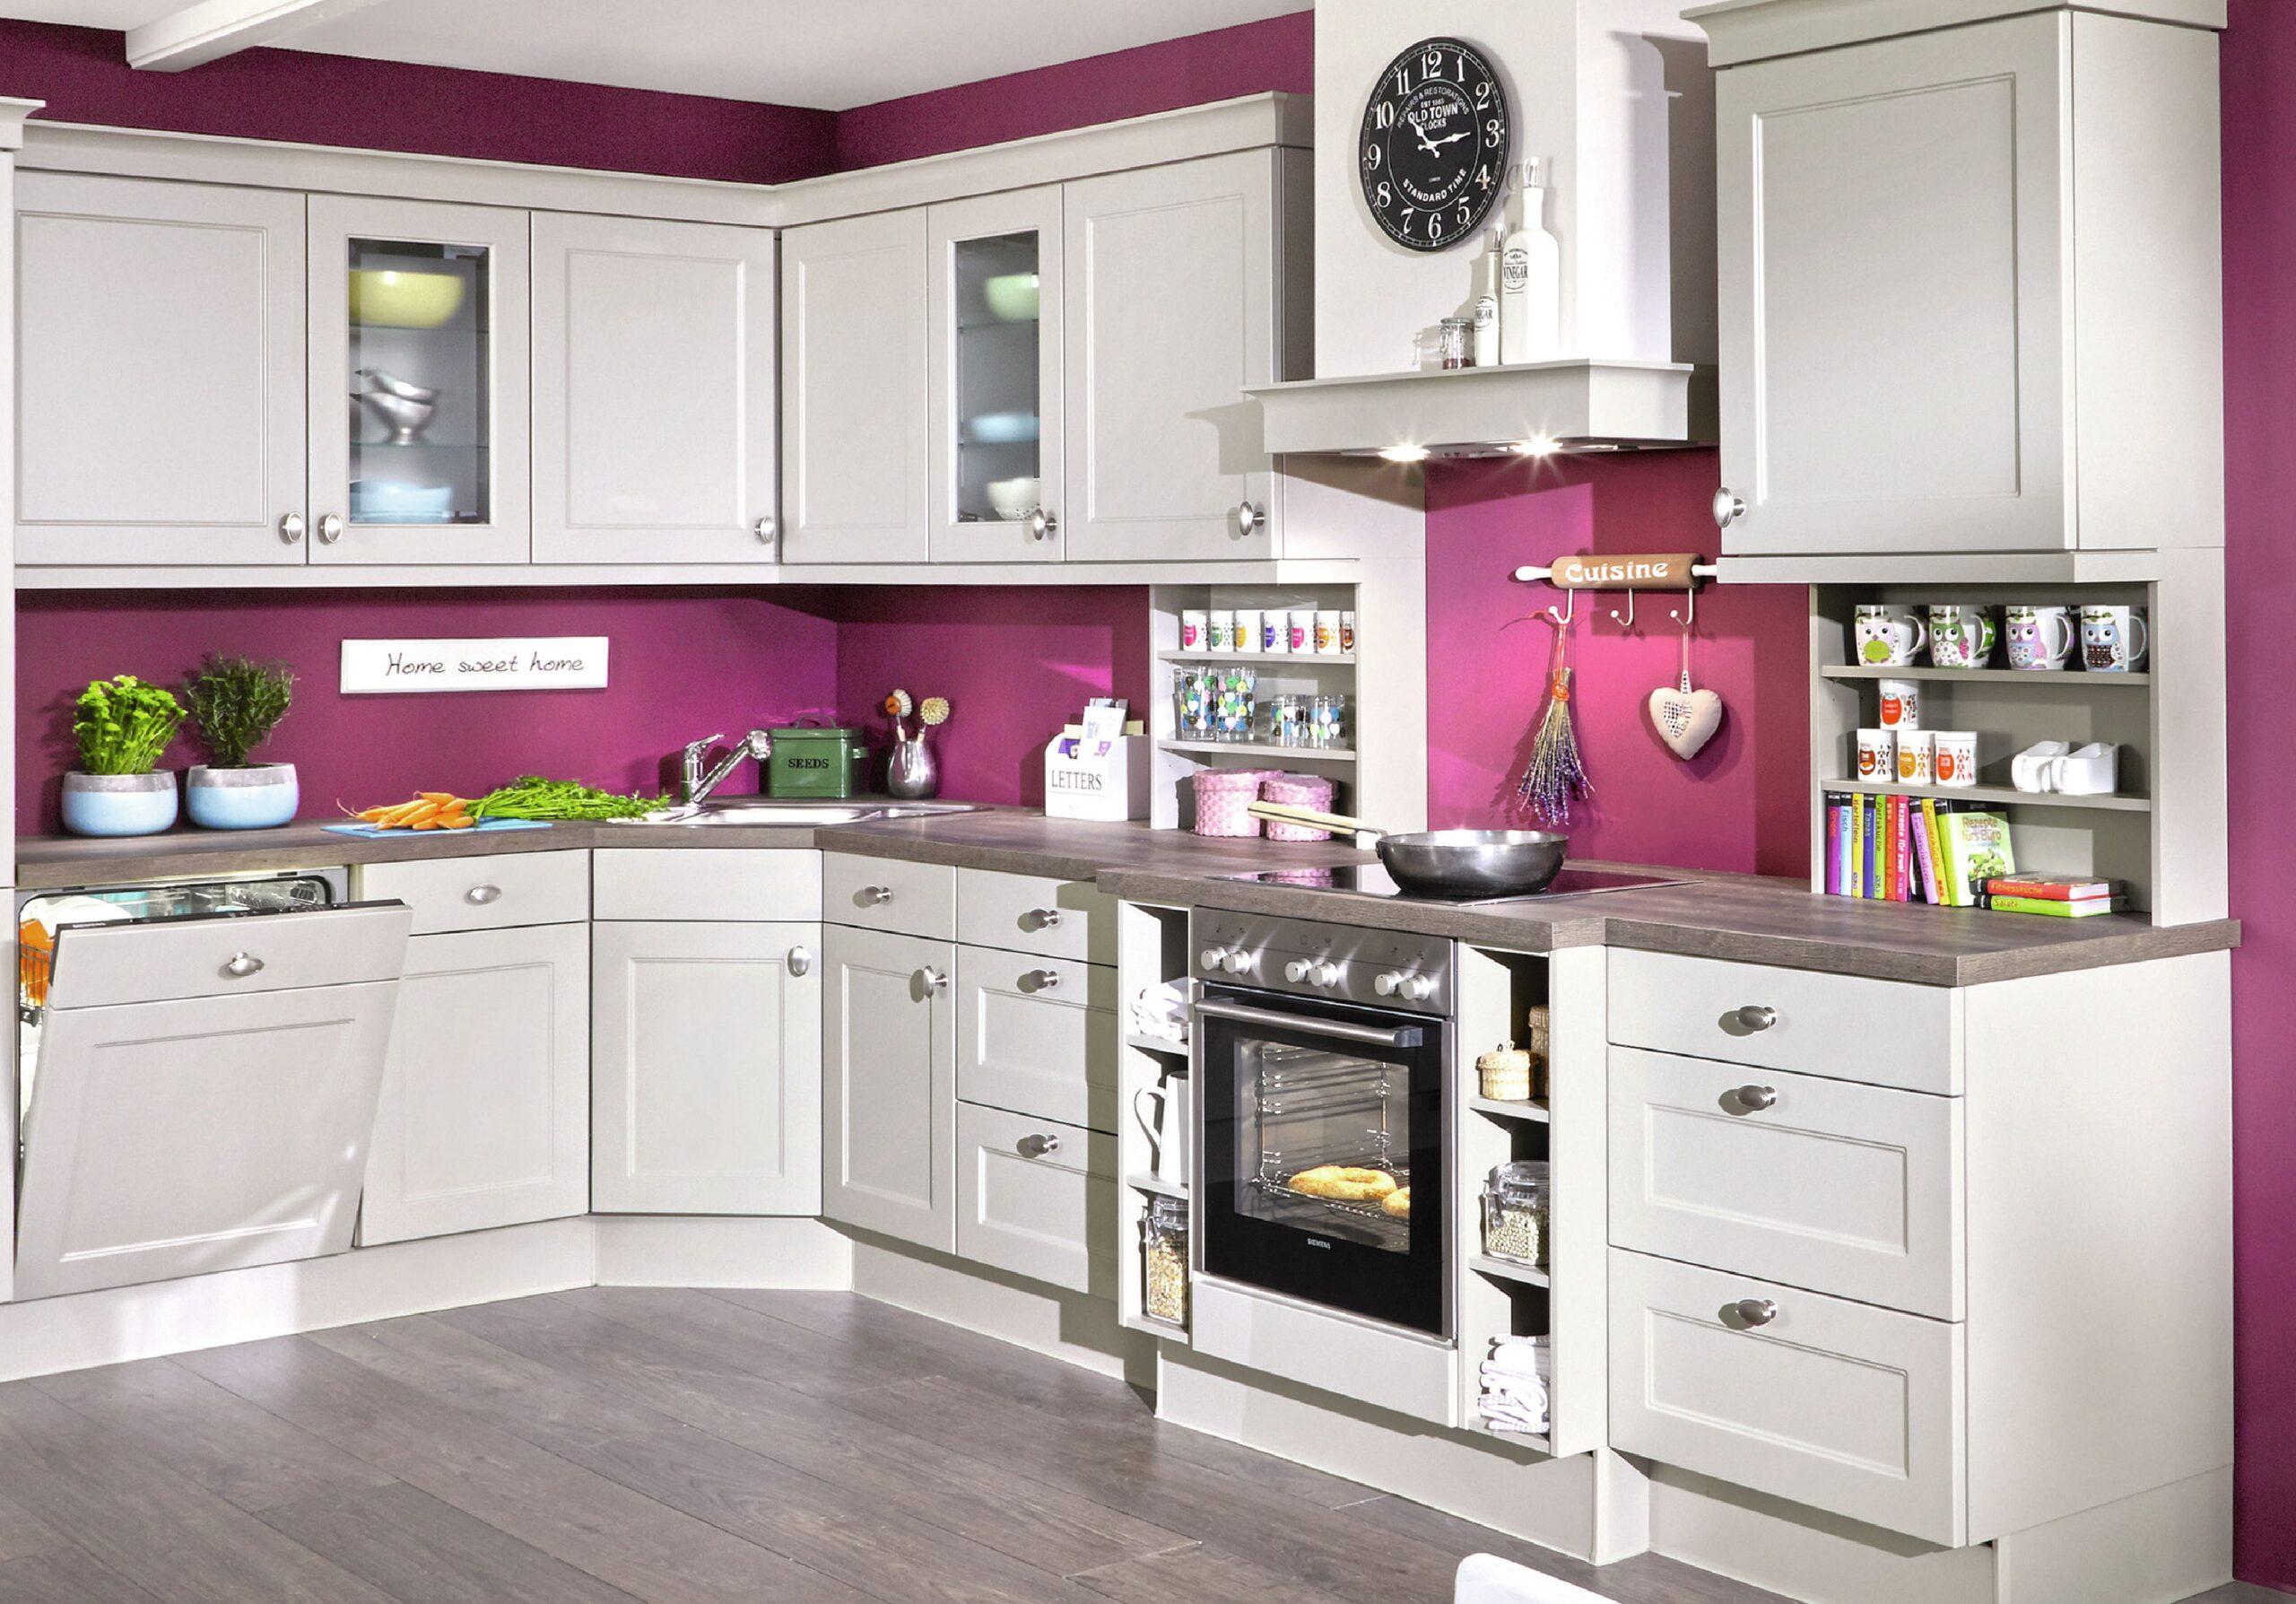 Full Size of Möbelix Küchen Kchenschrnke Infos Regal Wohnzimmer Möbelix Küchen